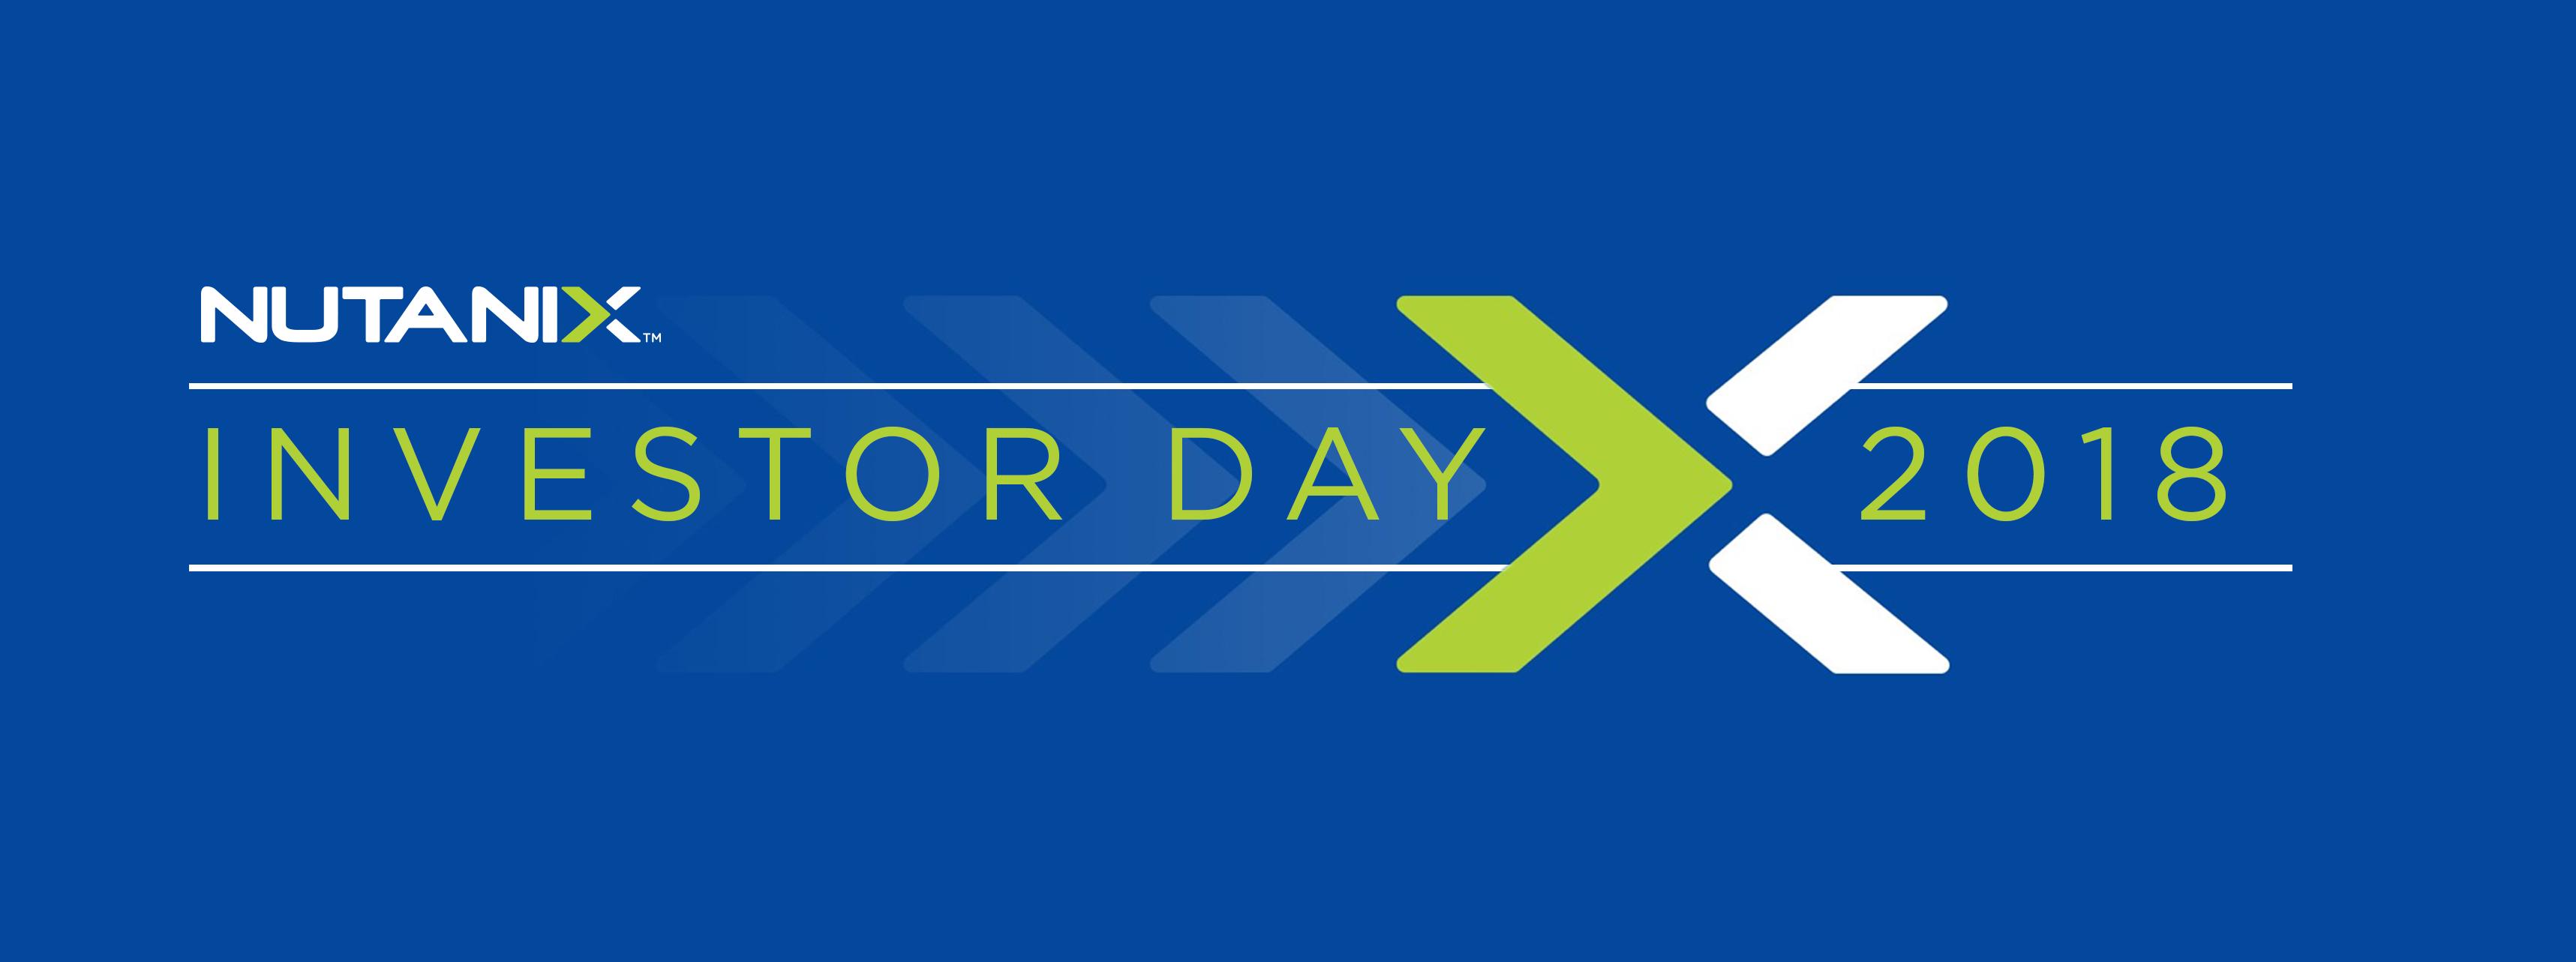 Nutanix Investor Day